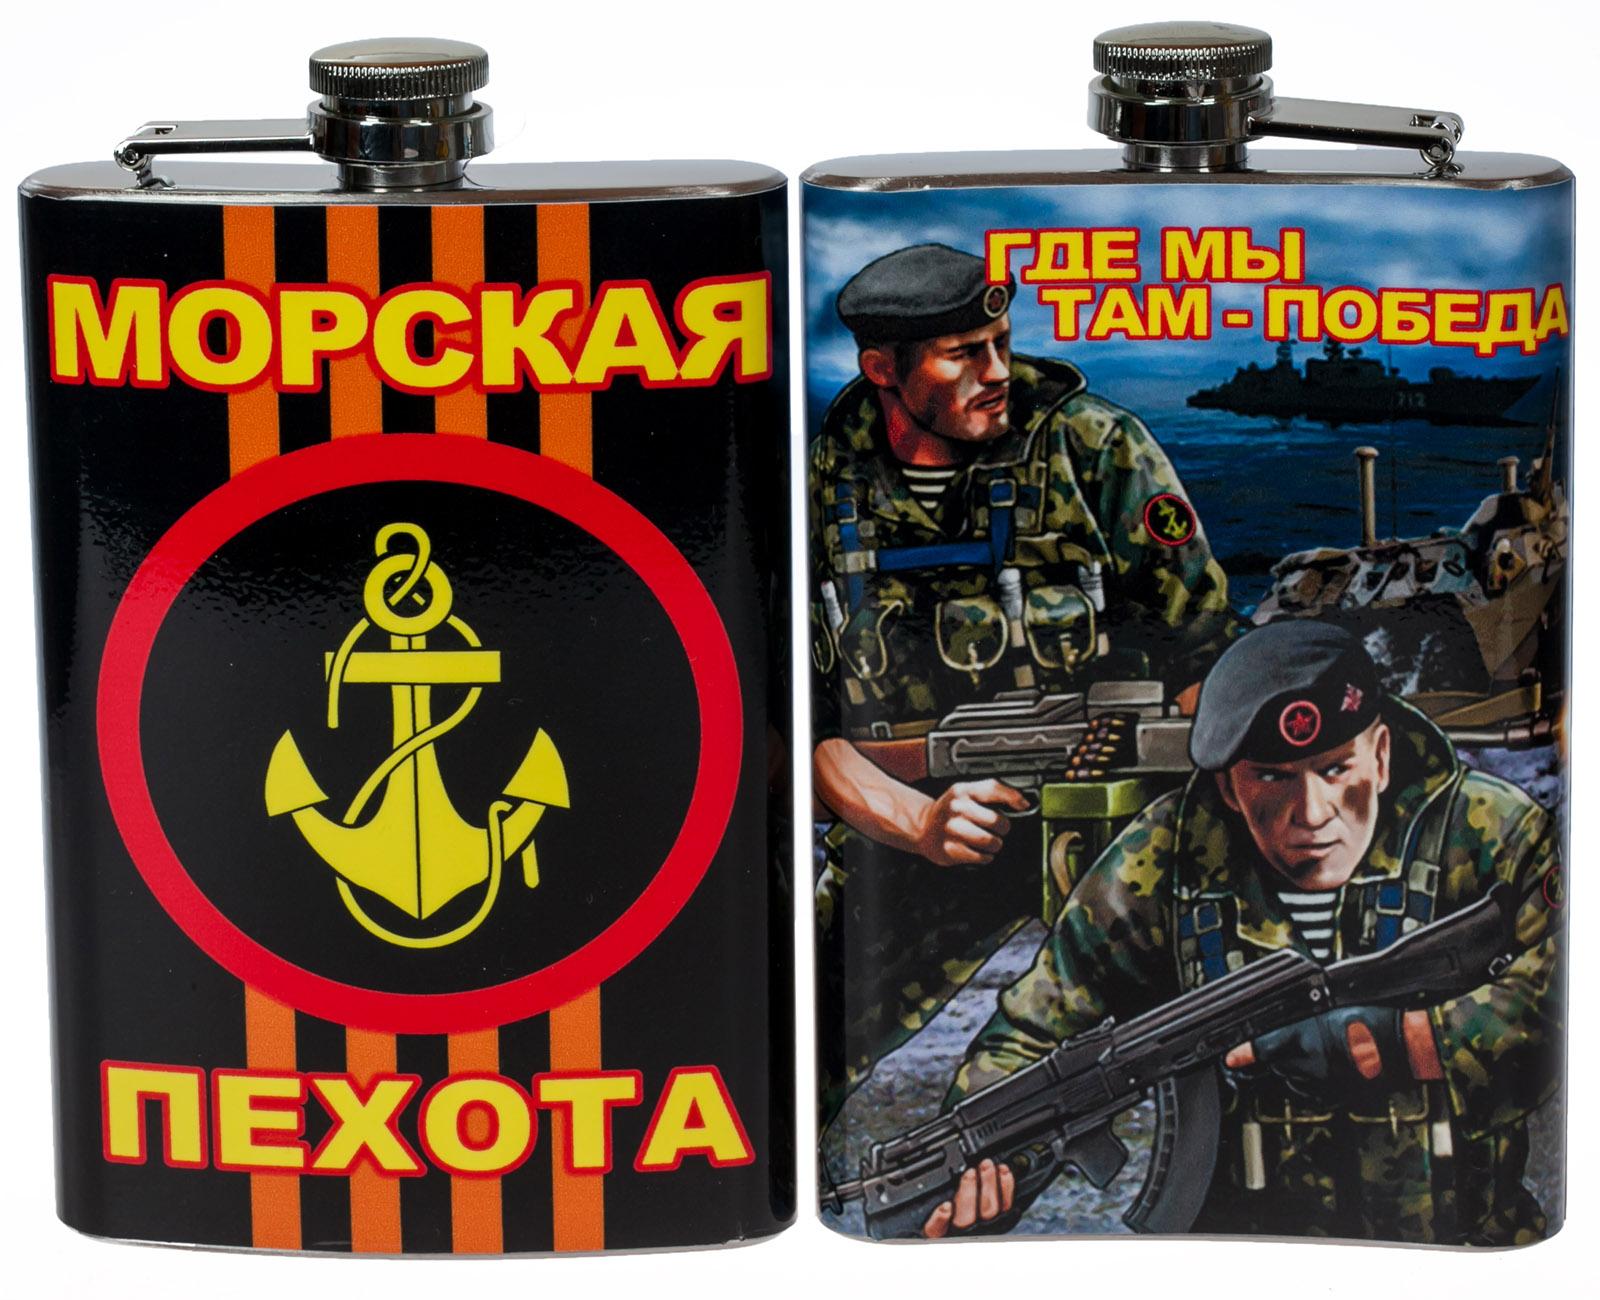 Фляга «Морская Пехота» купить с доставкой по России и самовывозом